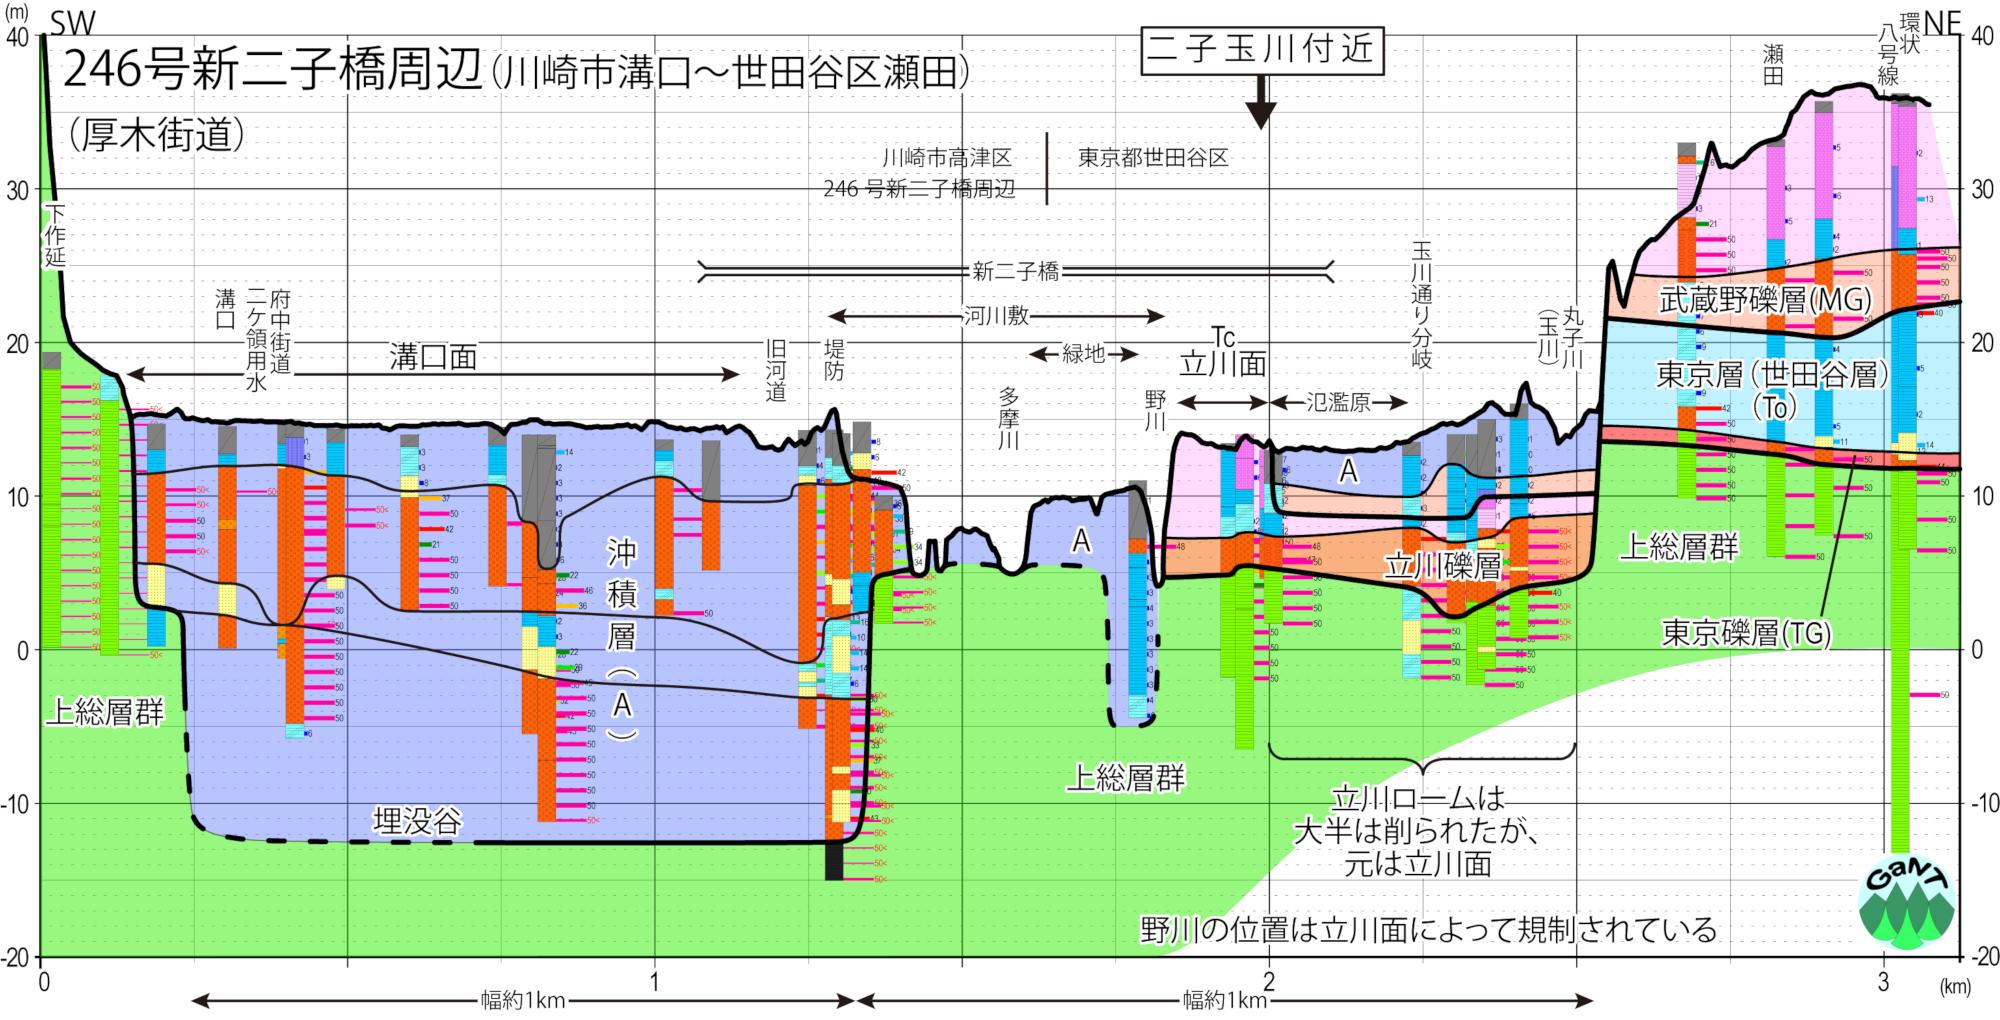 2019.11.15二子玉川断面